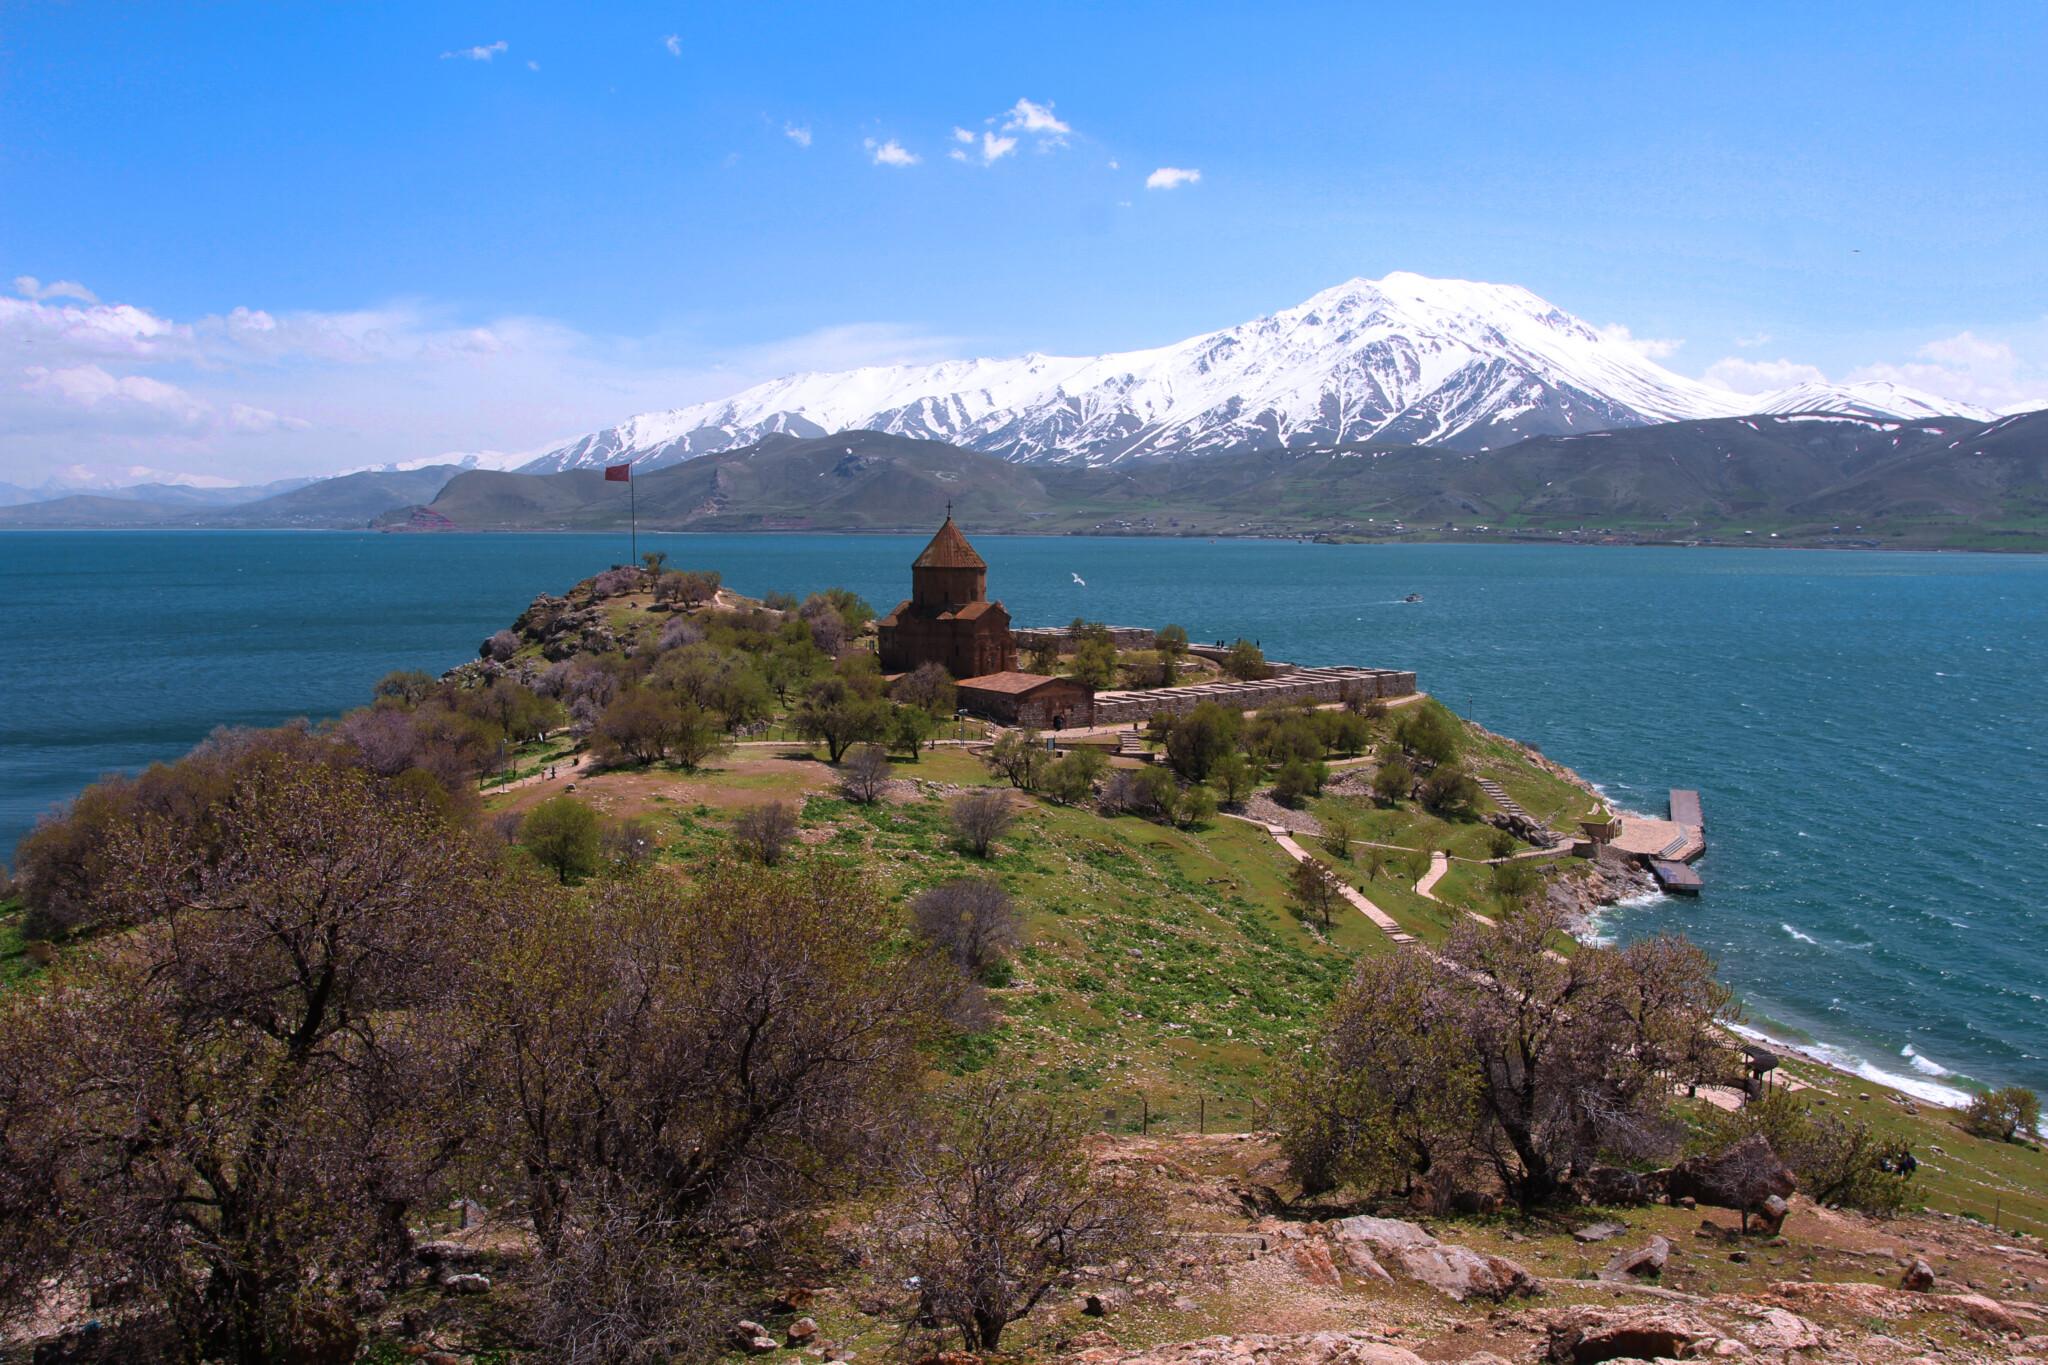 Восточная Анатолия: армянские древности, горные красоты и турецкий Курдистан